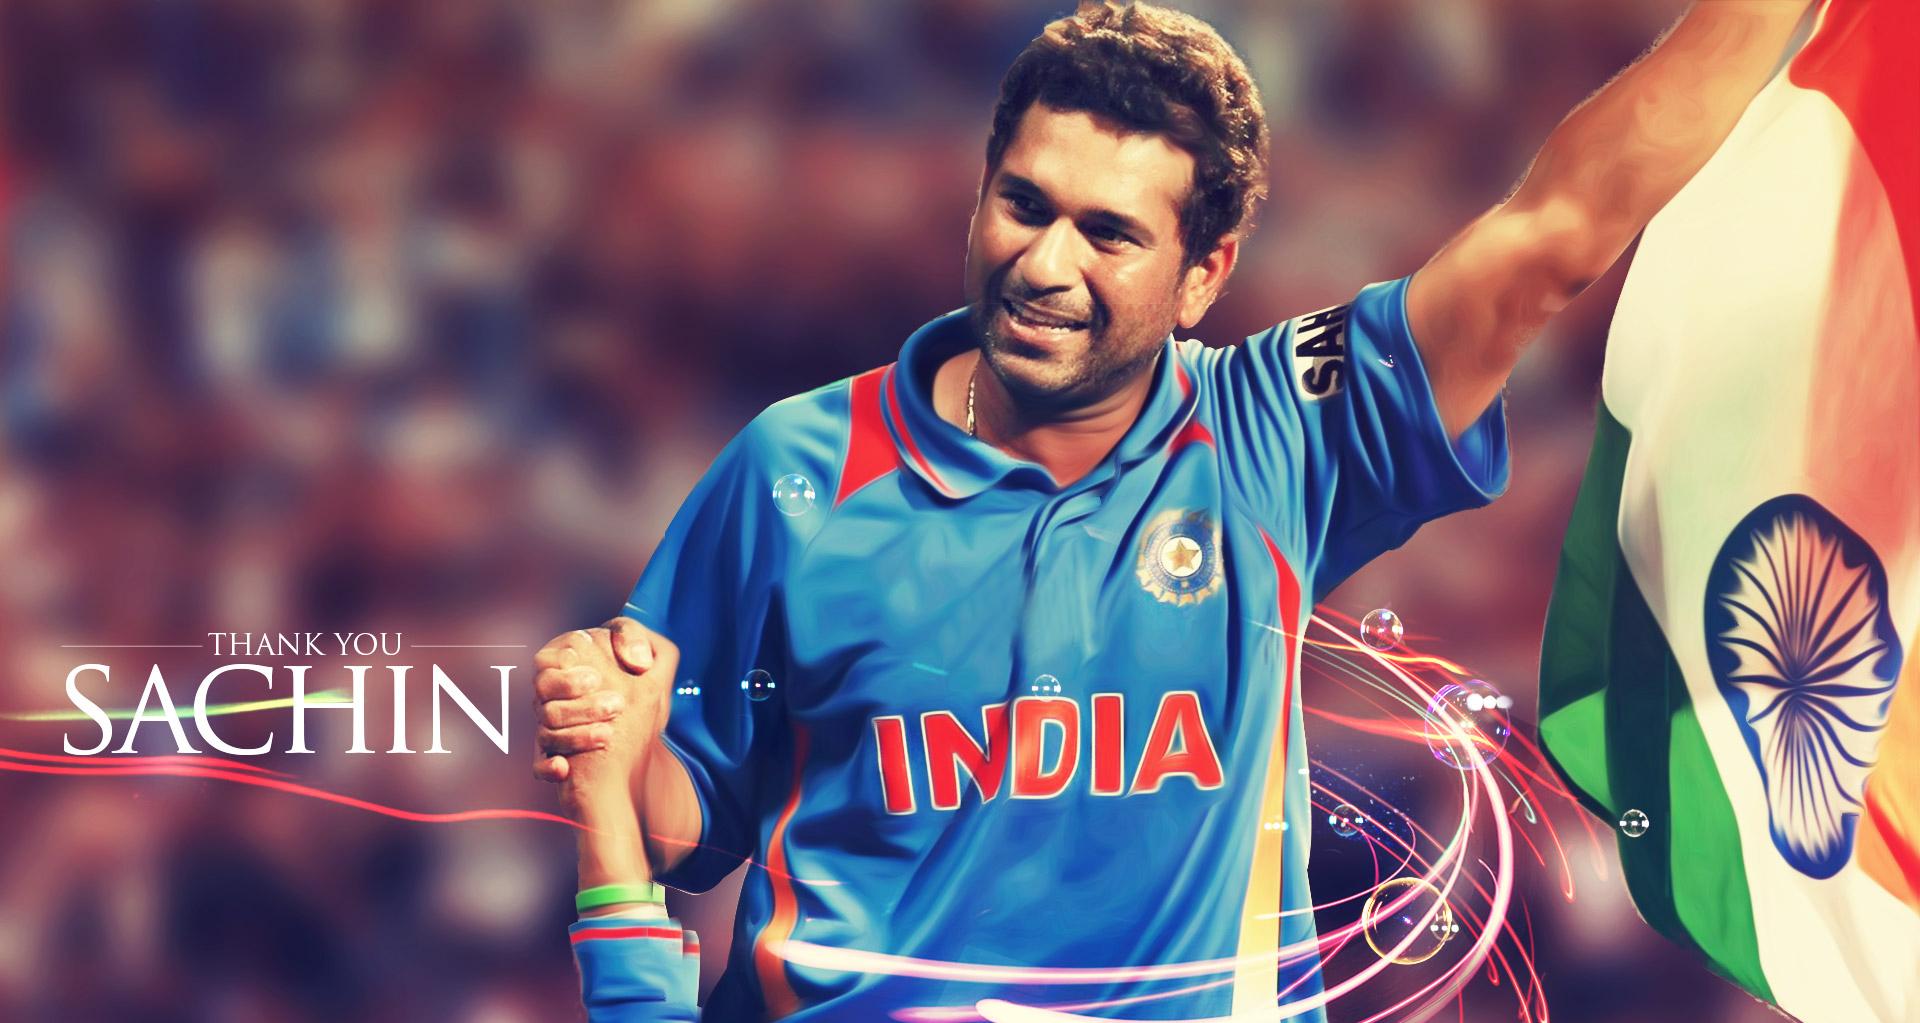 Hd wallpaper xperia c3 - Sachin Tendulkar Best Batsman Wallpaper Popopics Com